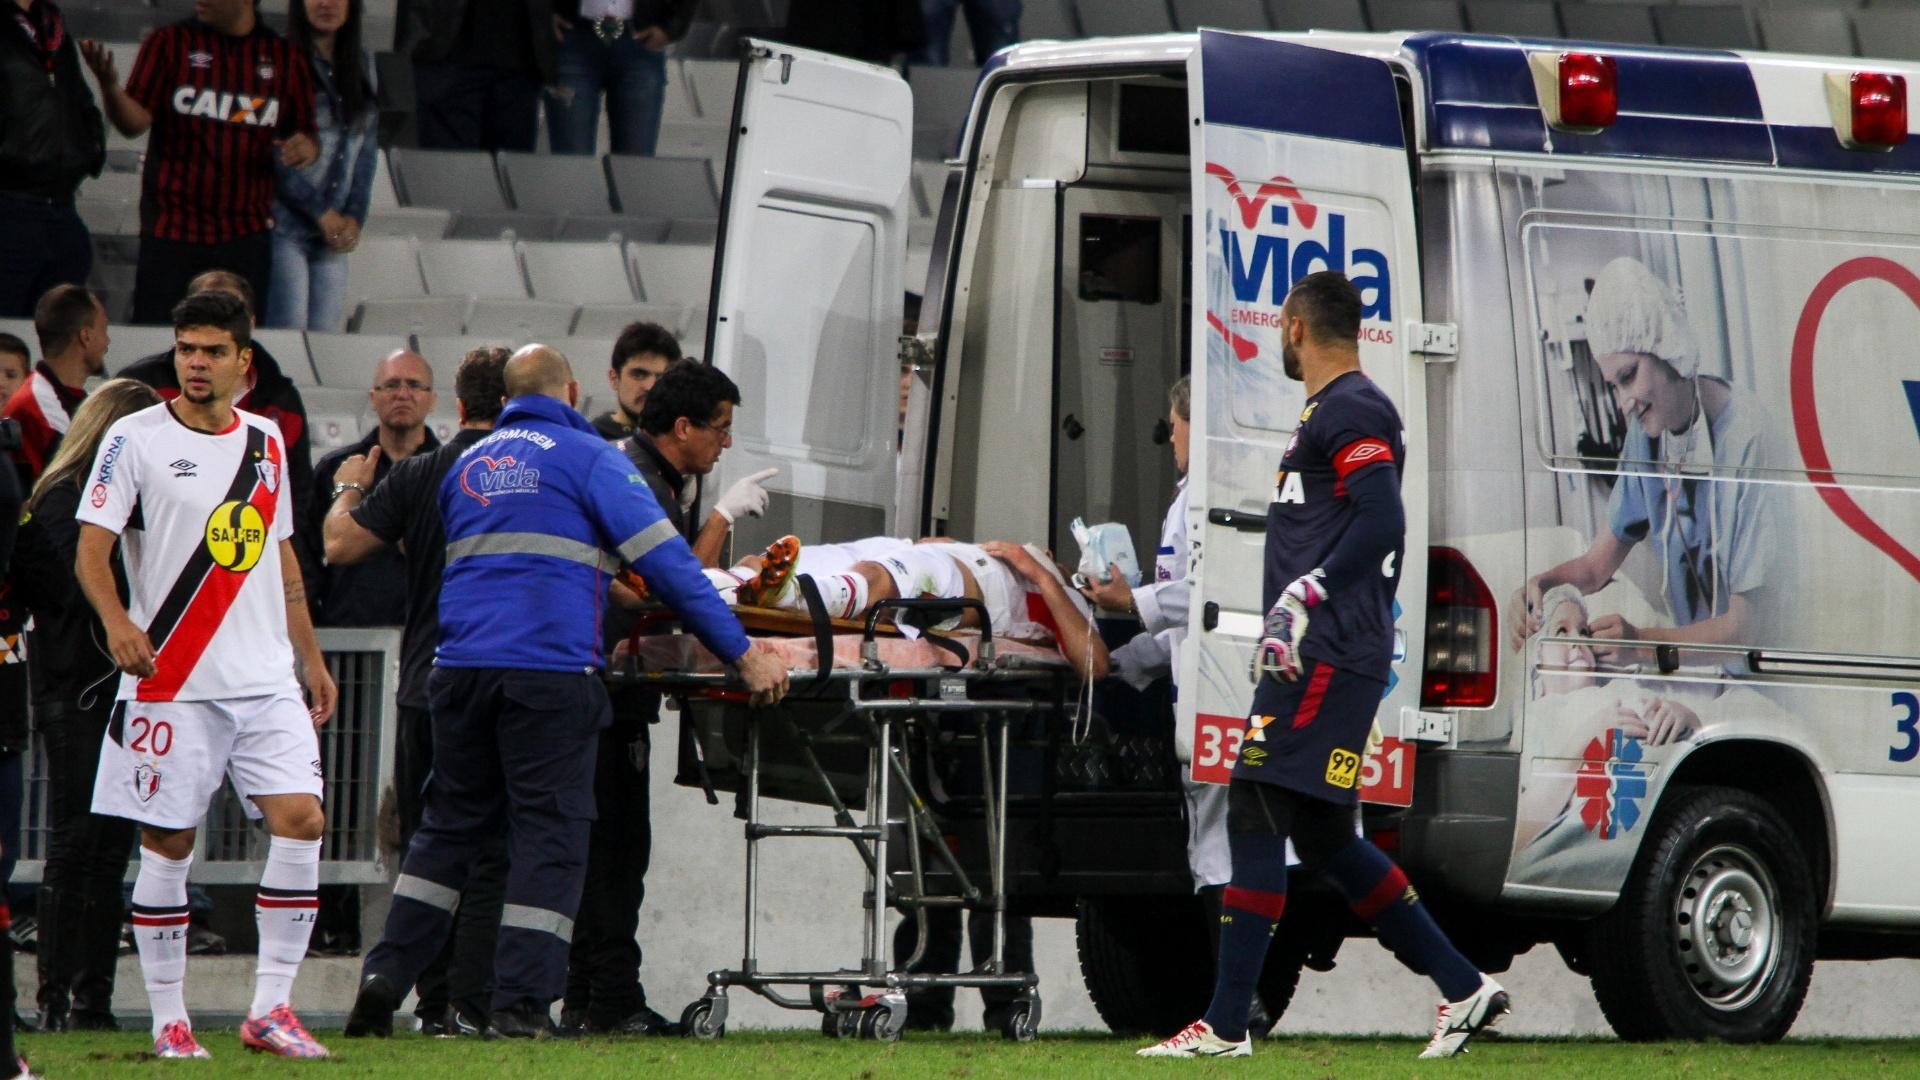 Lucas Crispim, do Joinville, sai de campo em ambulância após bater a cabeça em disputa de bola durante partida contra o Atlético-PR, neste sábado (5), pela Série A do Campeonato Brasileiro